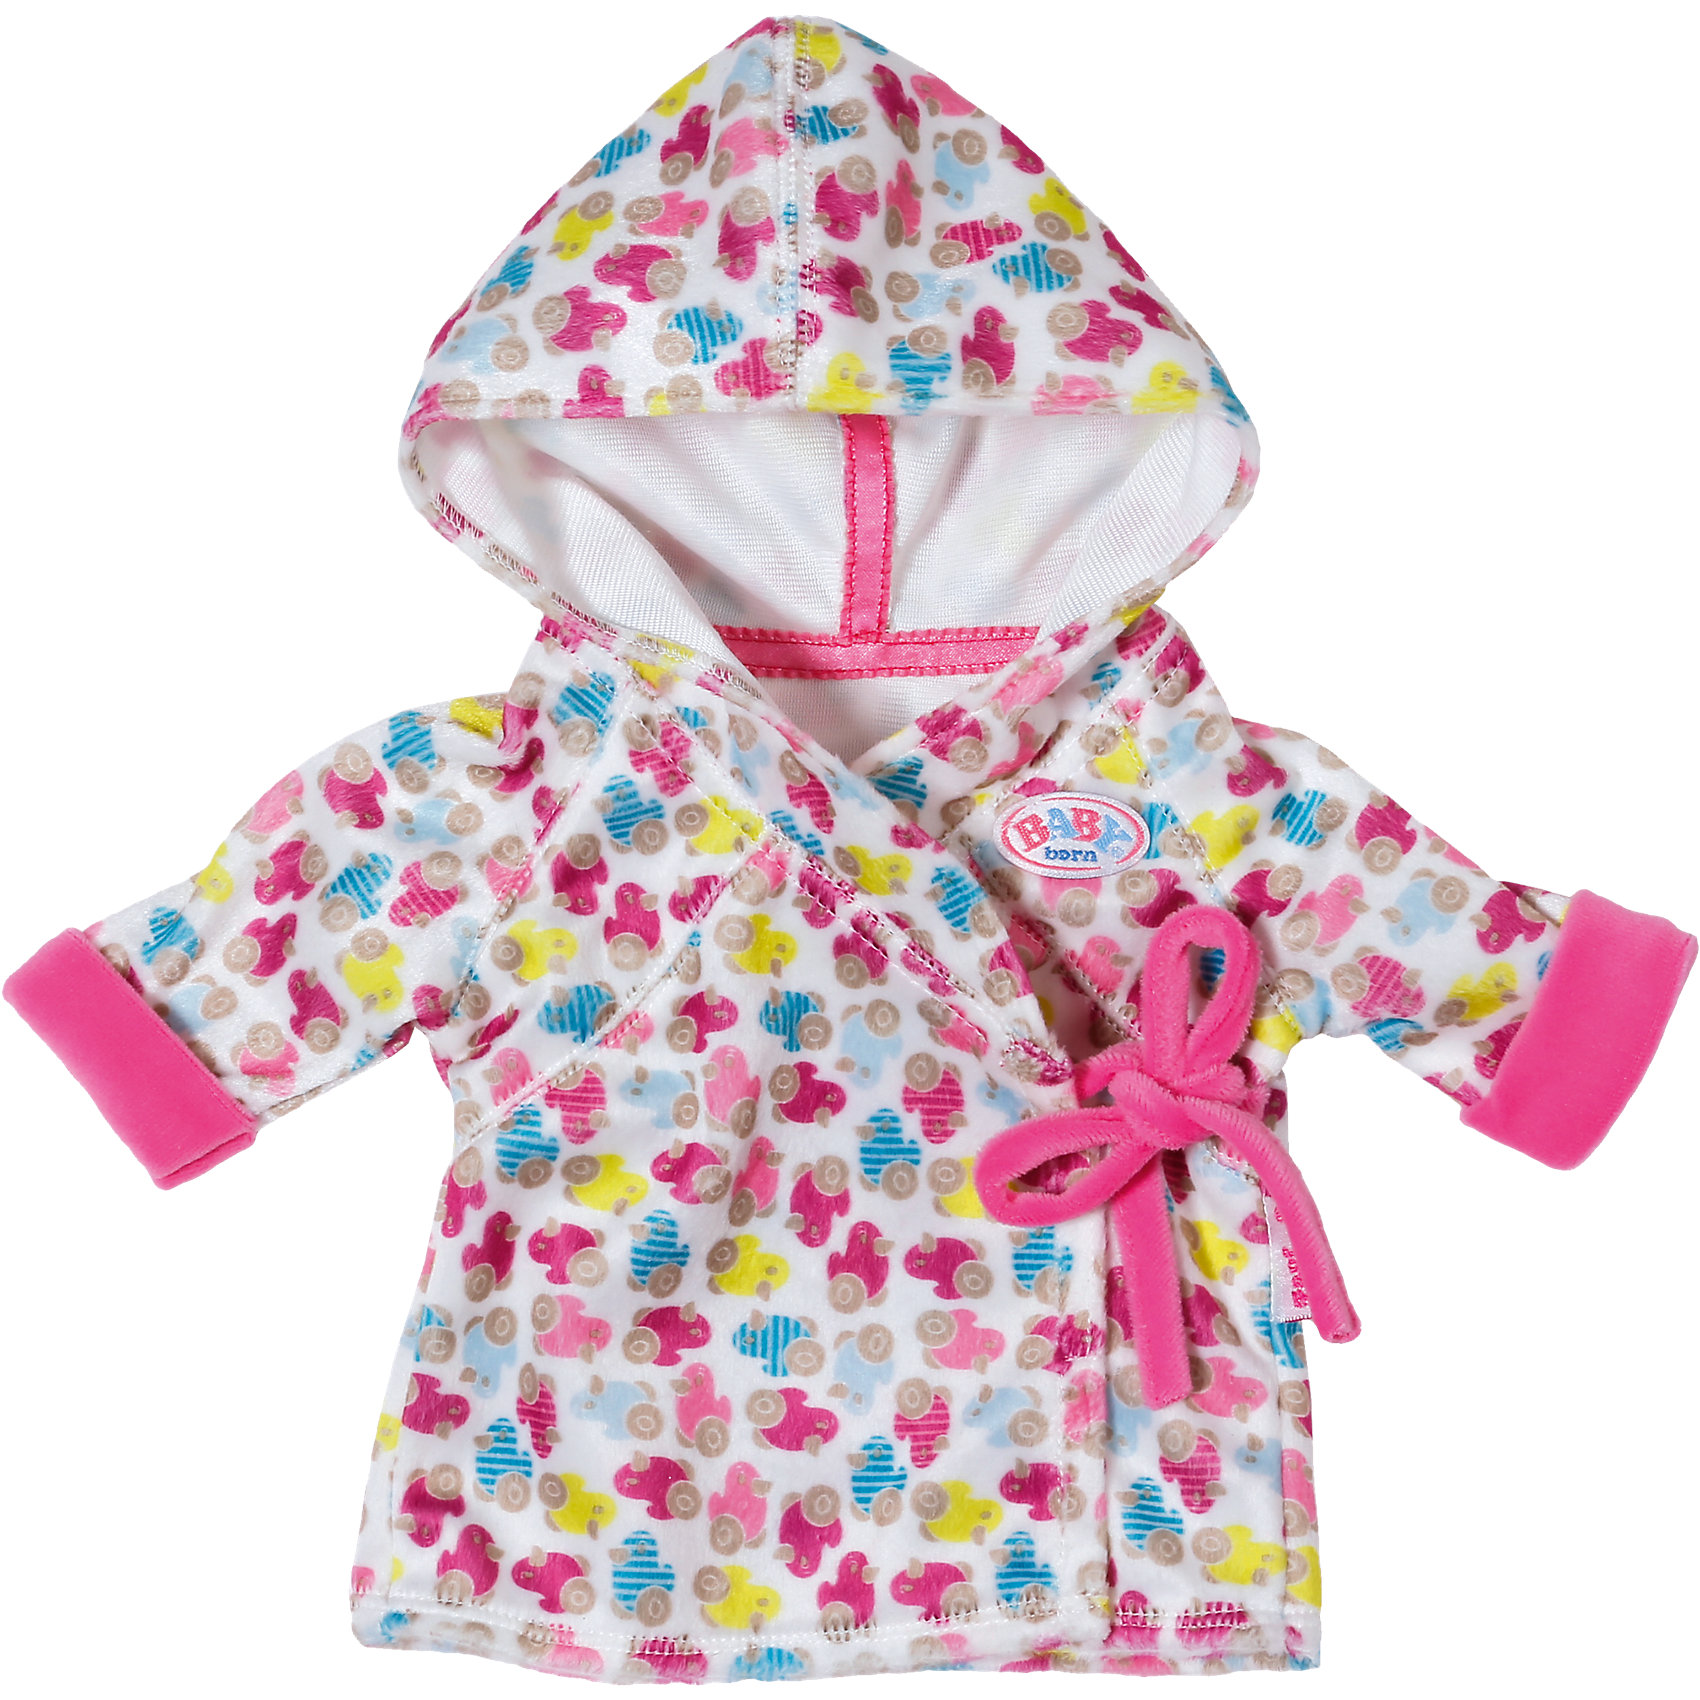 Халат с капюшоном, BABY bornУютный тёплый халатик с капюшоном Бэби Борн, который можно одеть на куклу после купания. Халатик украшен принтом в виде разноцветных утят, имеет удобные завязки. Материал очень мягкий и приятный на ощупь.<br><br>Ширина мм: 281<br>Глубина мм: 246<br>Высота мм: 32<br>Вес г: 101<br>Возраст от месяцев: 36<br>Возраст до месяцев: 60<br>Пол: Женский<br>Возраст: Детский<br>SKU: 4319375